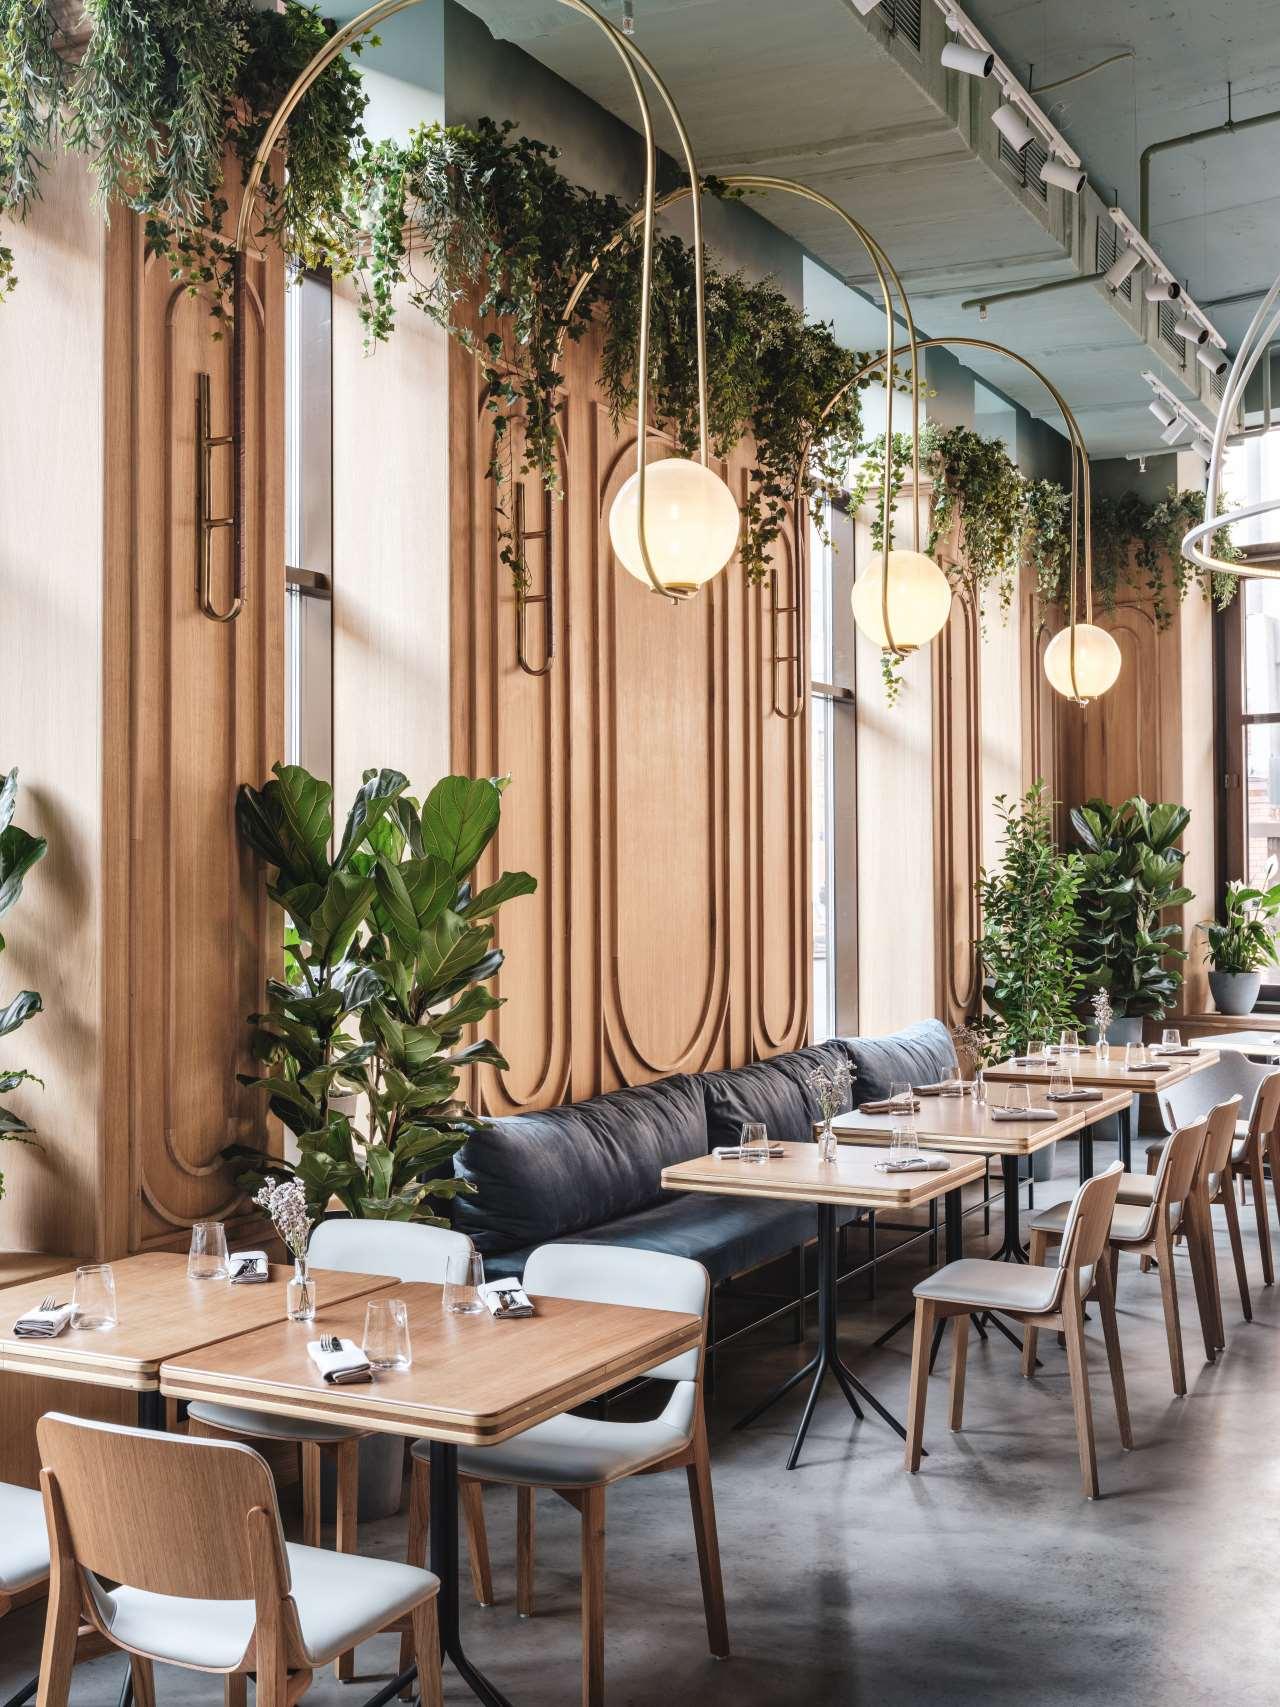 Moscow S The Y Restaurant Embraces Millennials In Nostalgic Allure Yatzer Modern Restaurant Interiores De Restaurante Interiores De Cafeteria